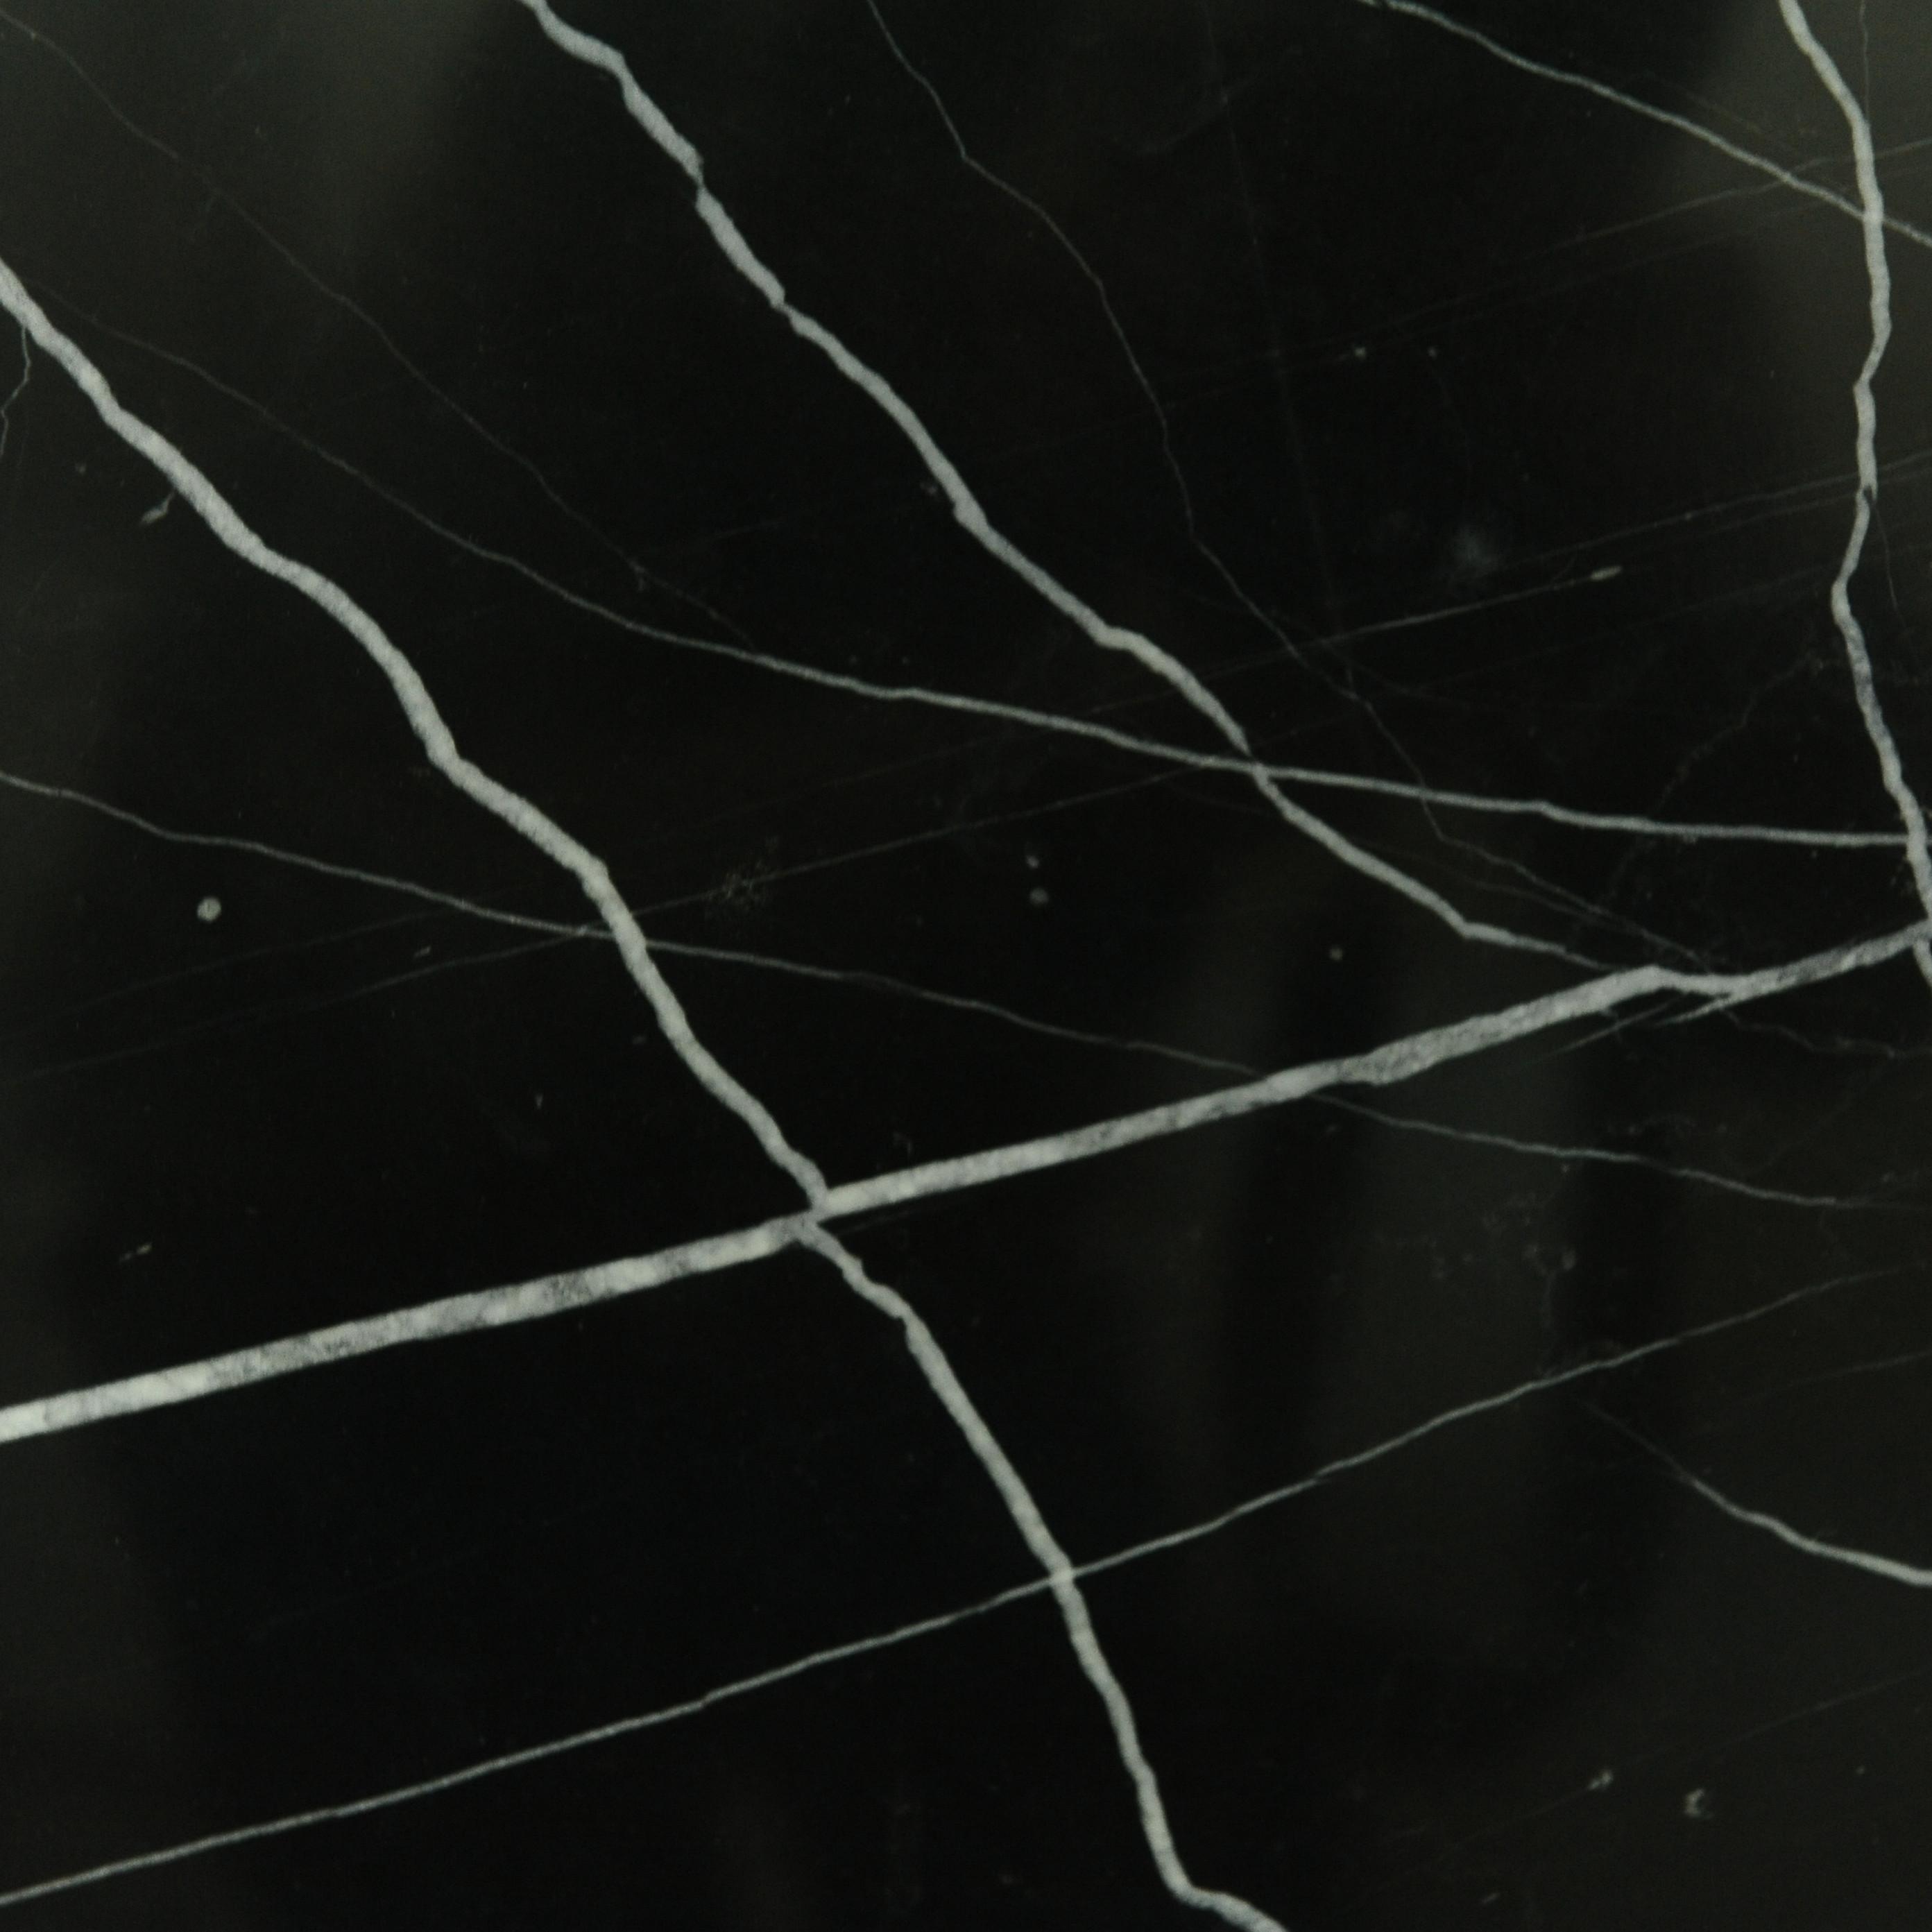 石材 黑白根 背景墙 套 窗台 台面 过门石 定制 天然大理石 进口